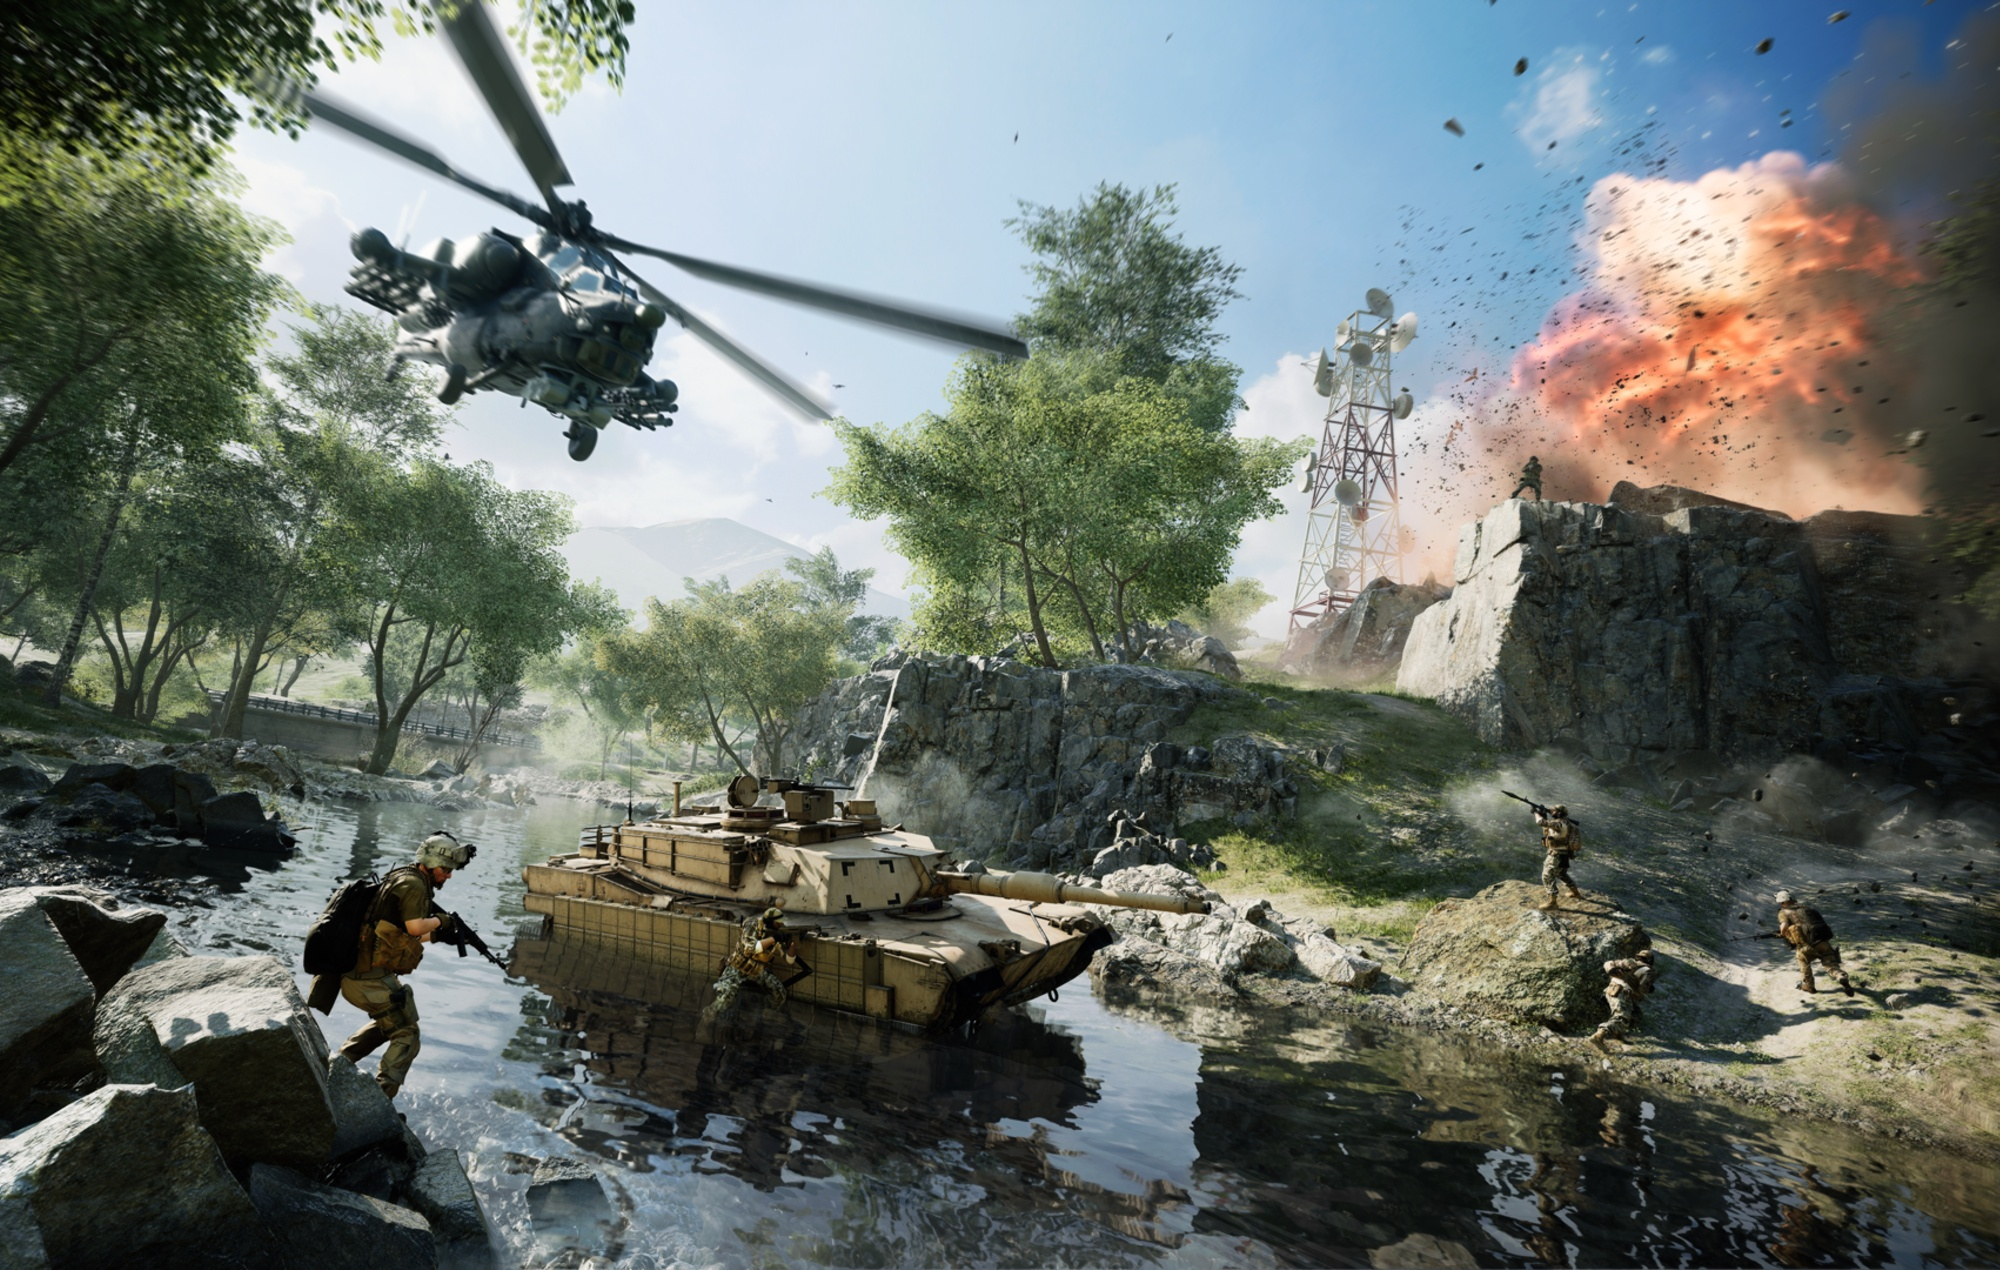 Battlefield Portal game mode